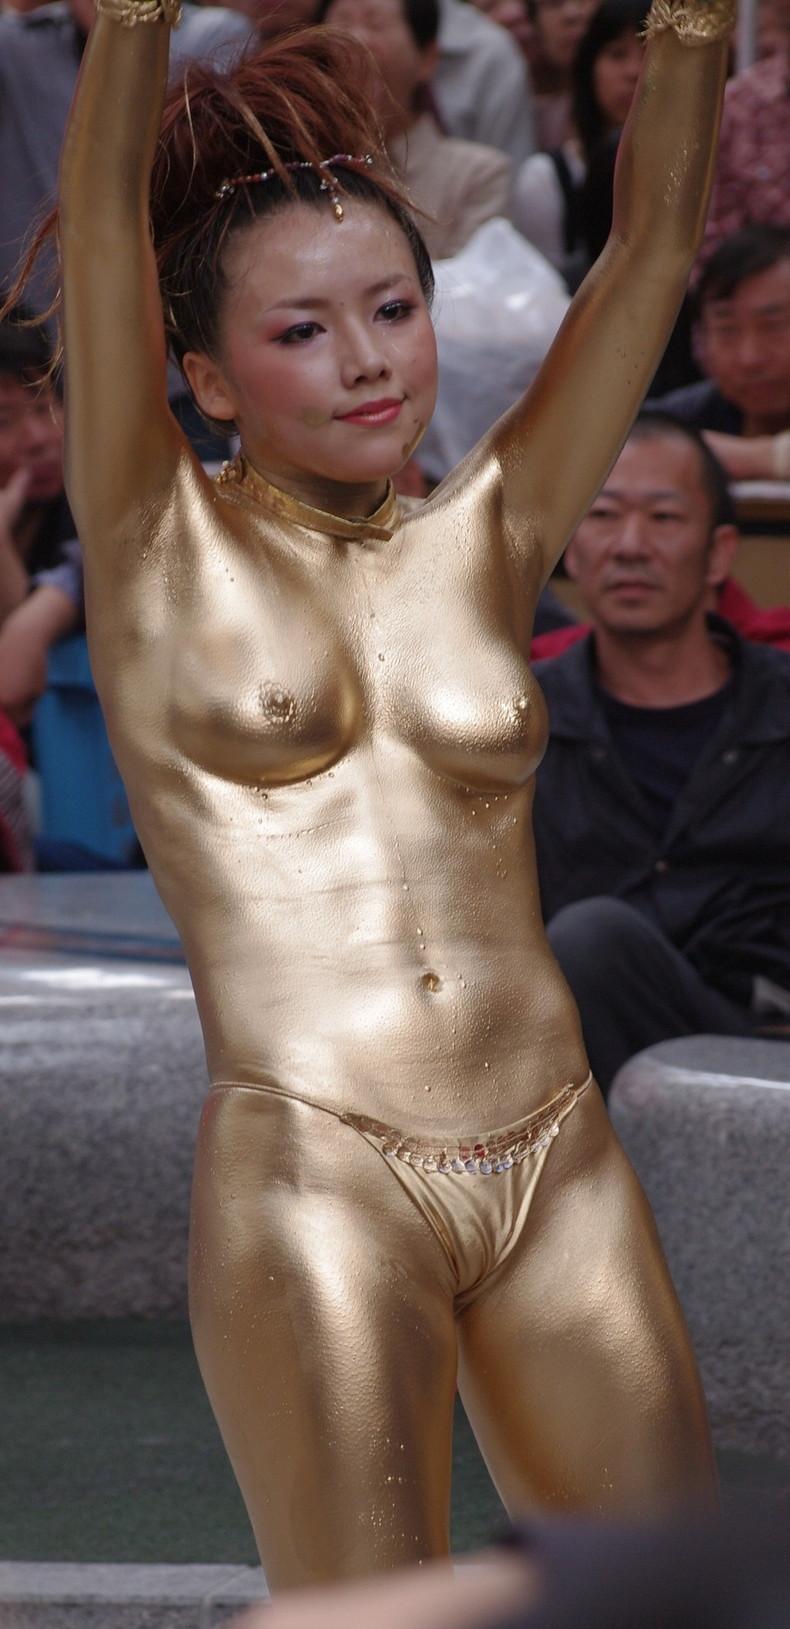 【おっぱい】金粉銀粉塗られて神々しくなってる黒ギャルならぬ金銀ギャルたちの金粉おっぱい画像集【80枚】 66